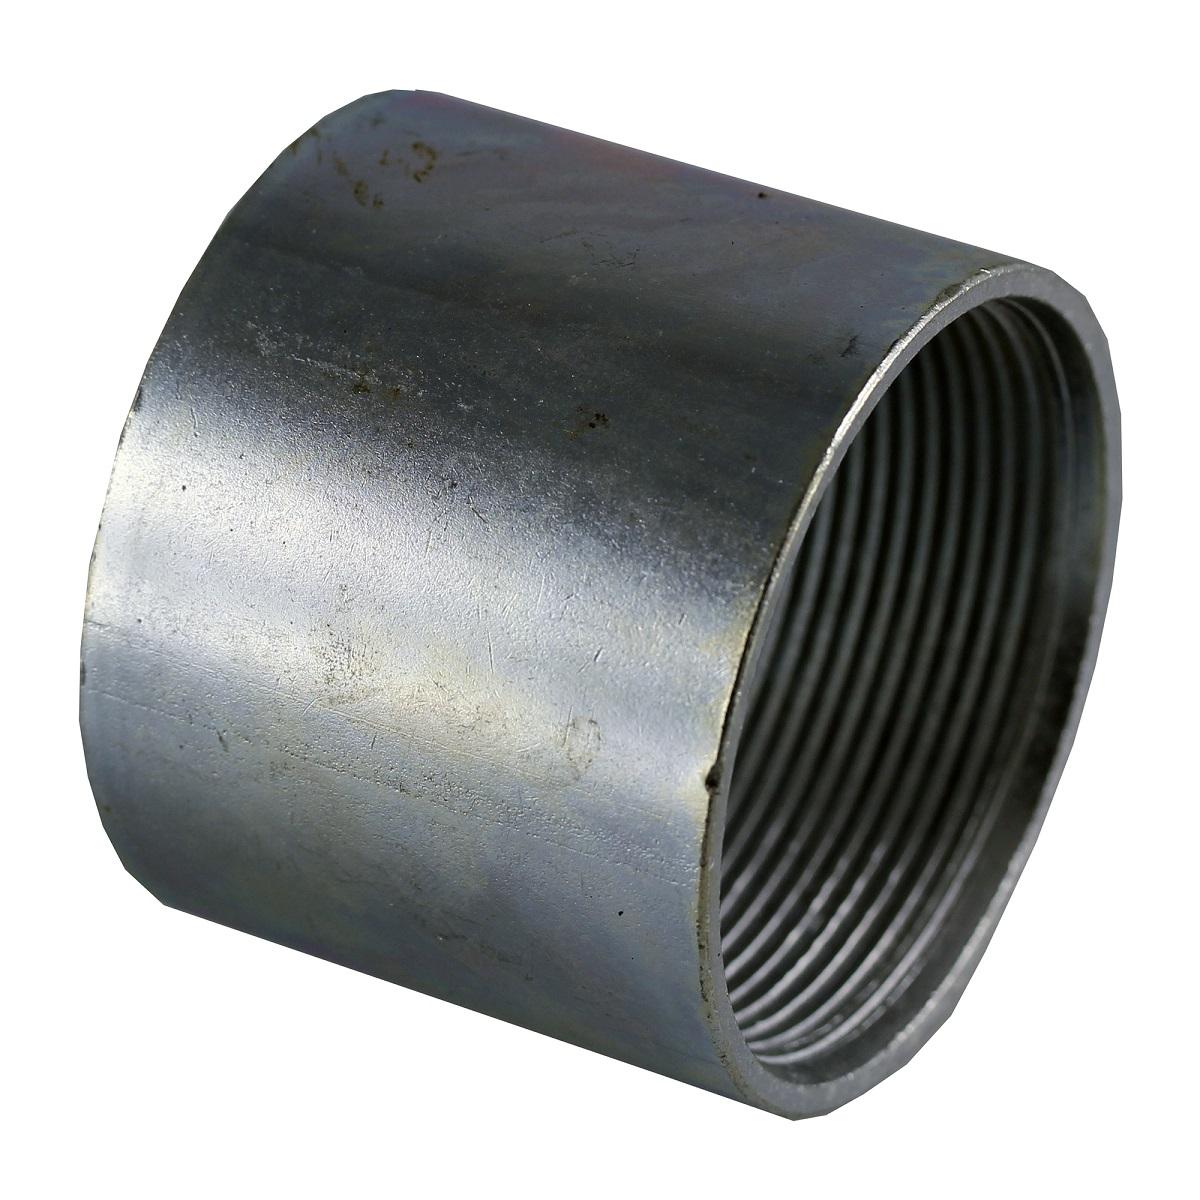 Galvanized rigid threaded coupling